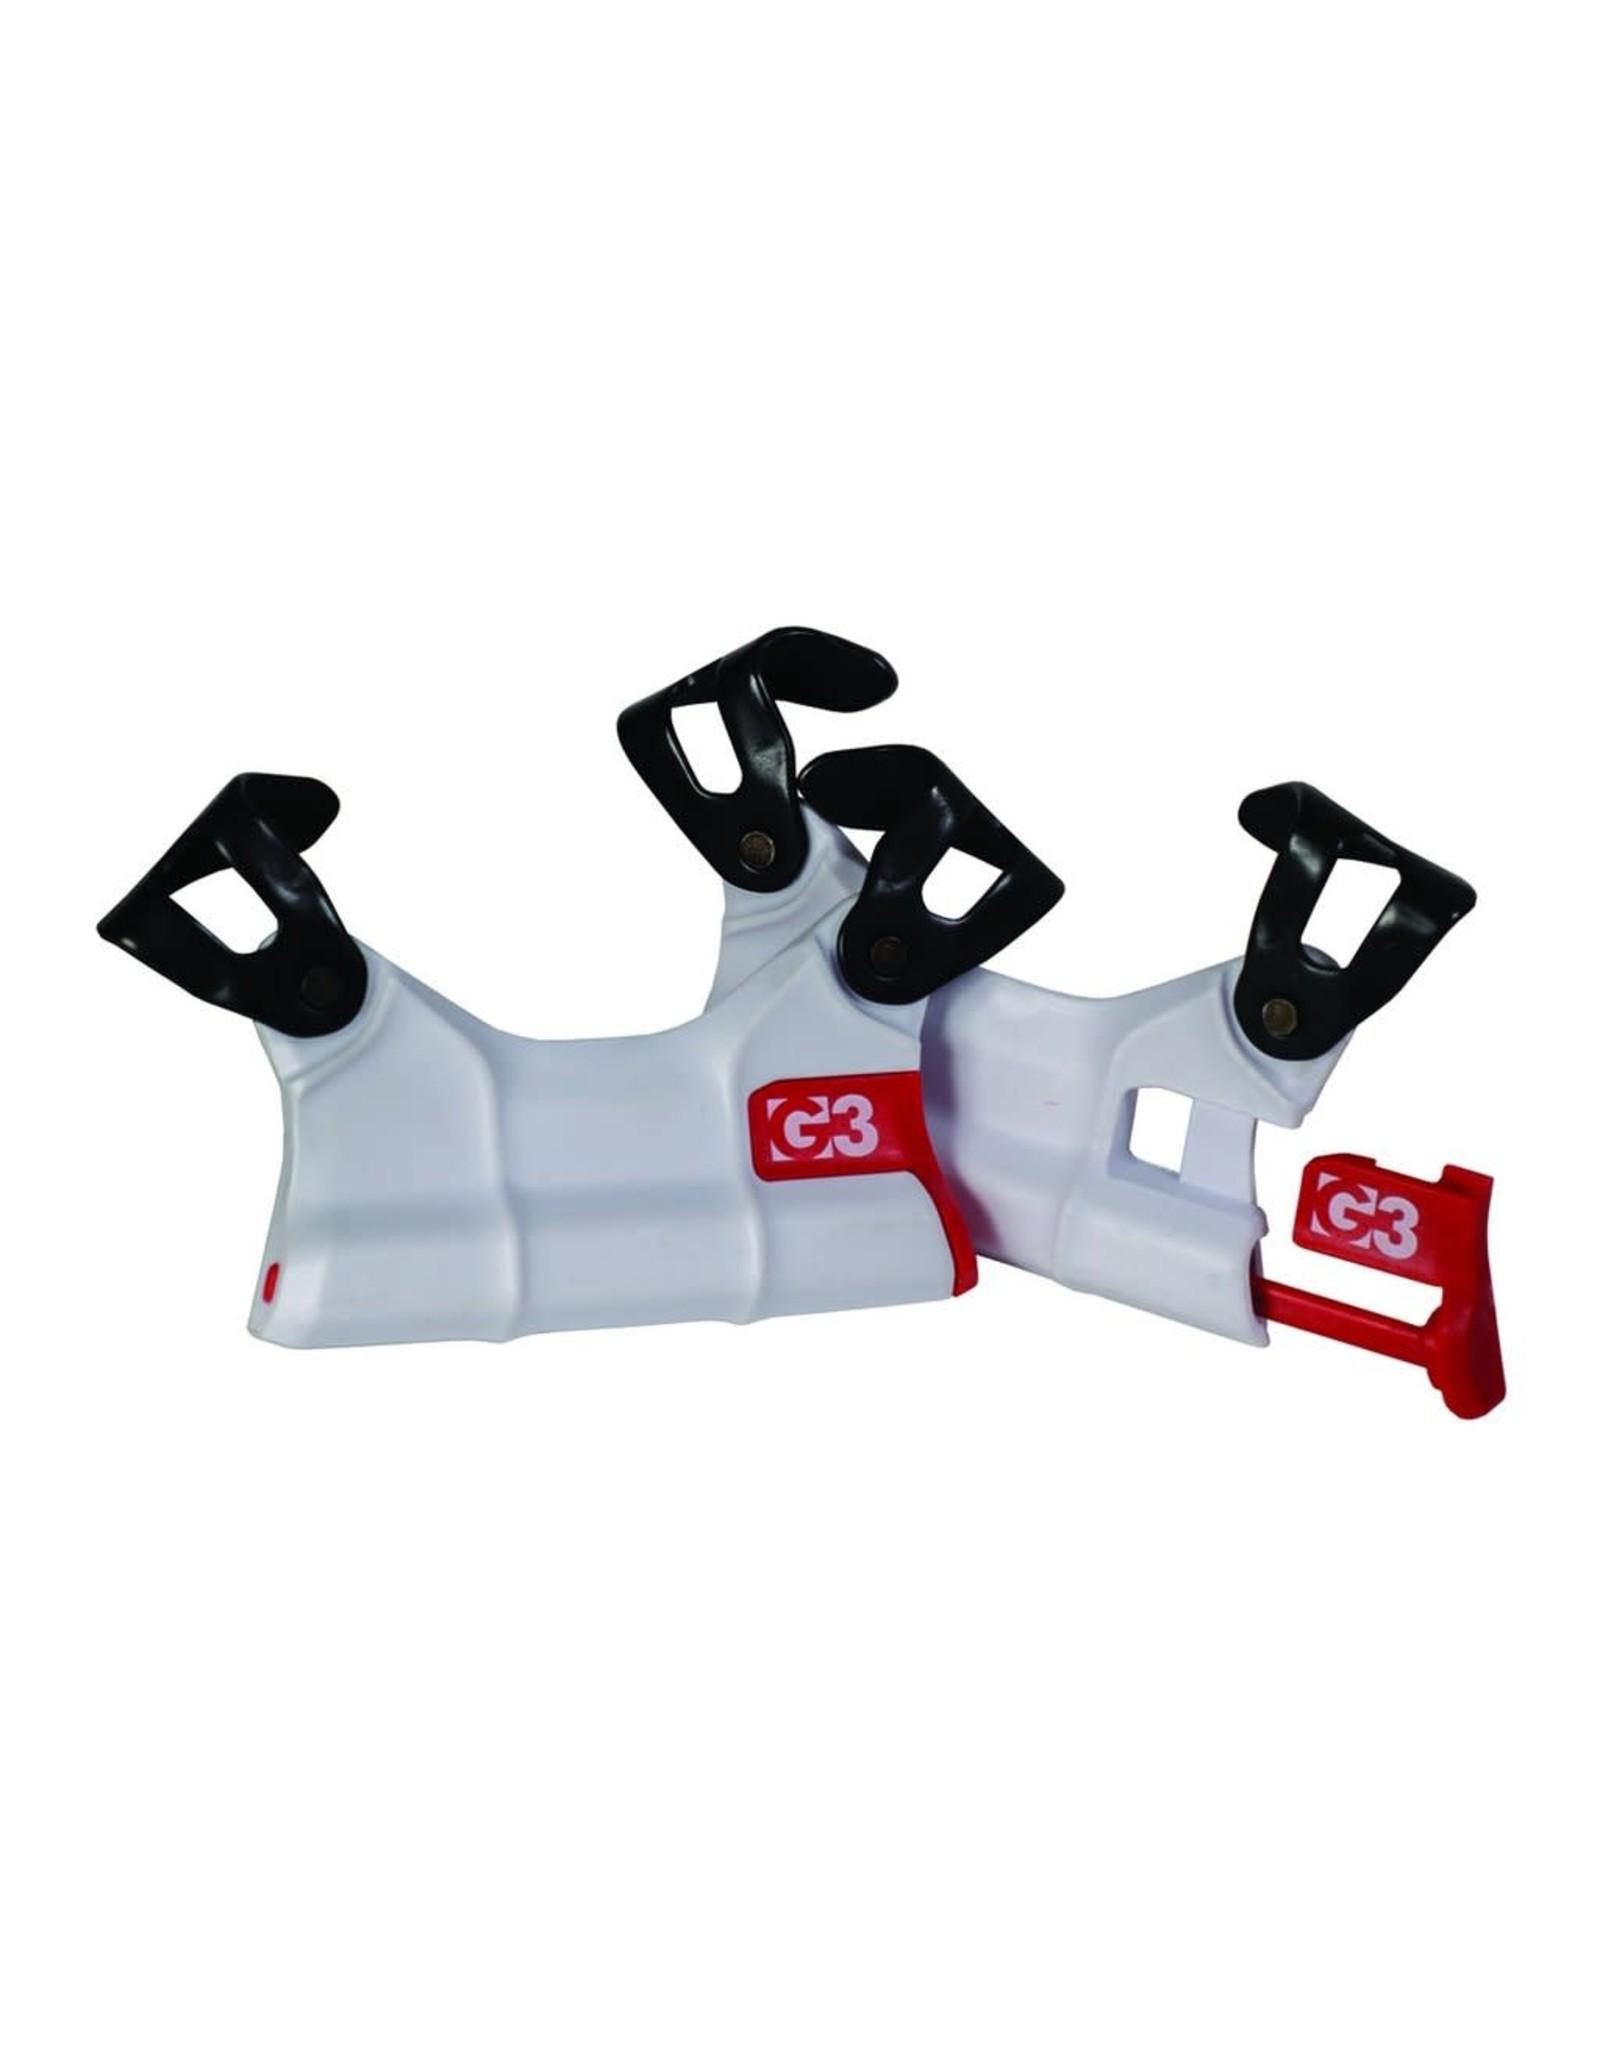 G3 G3 Escapist Tip Kit - Pair